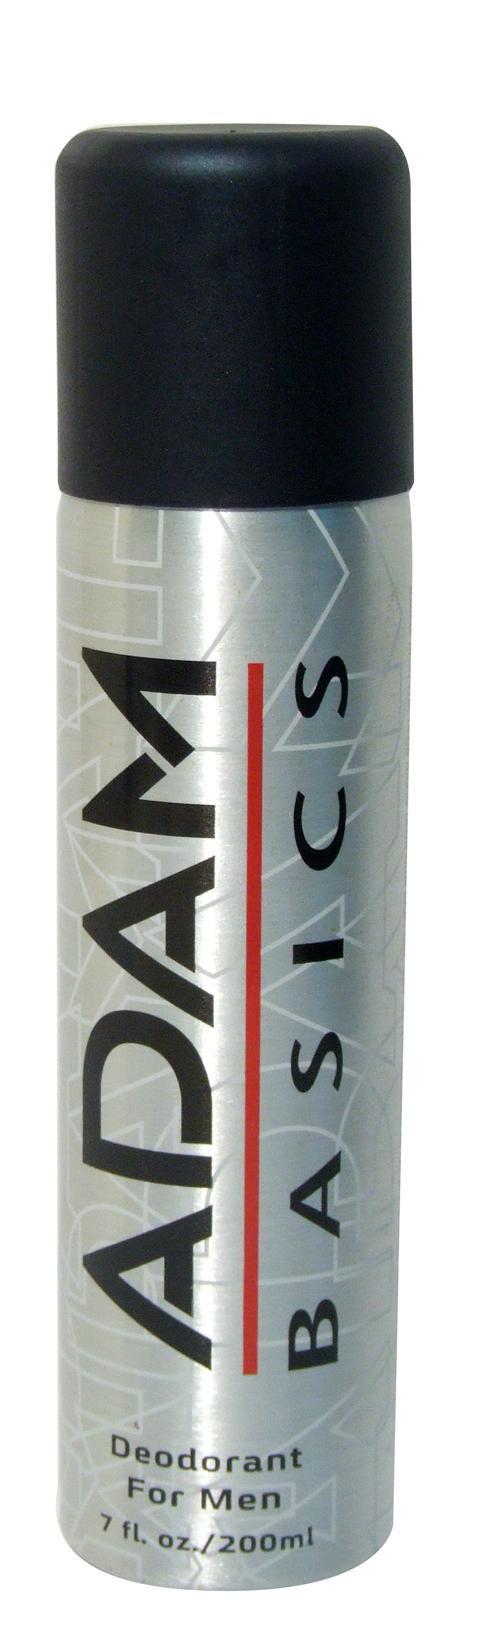 אדם בייסיק דאודורנט ספריי | ADAM BASICS Deodorant Spray